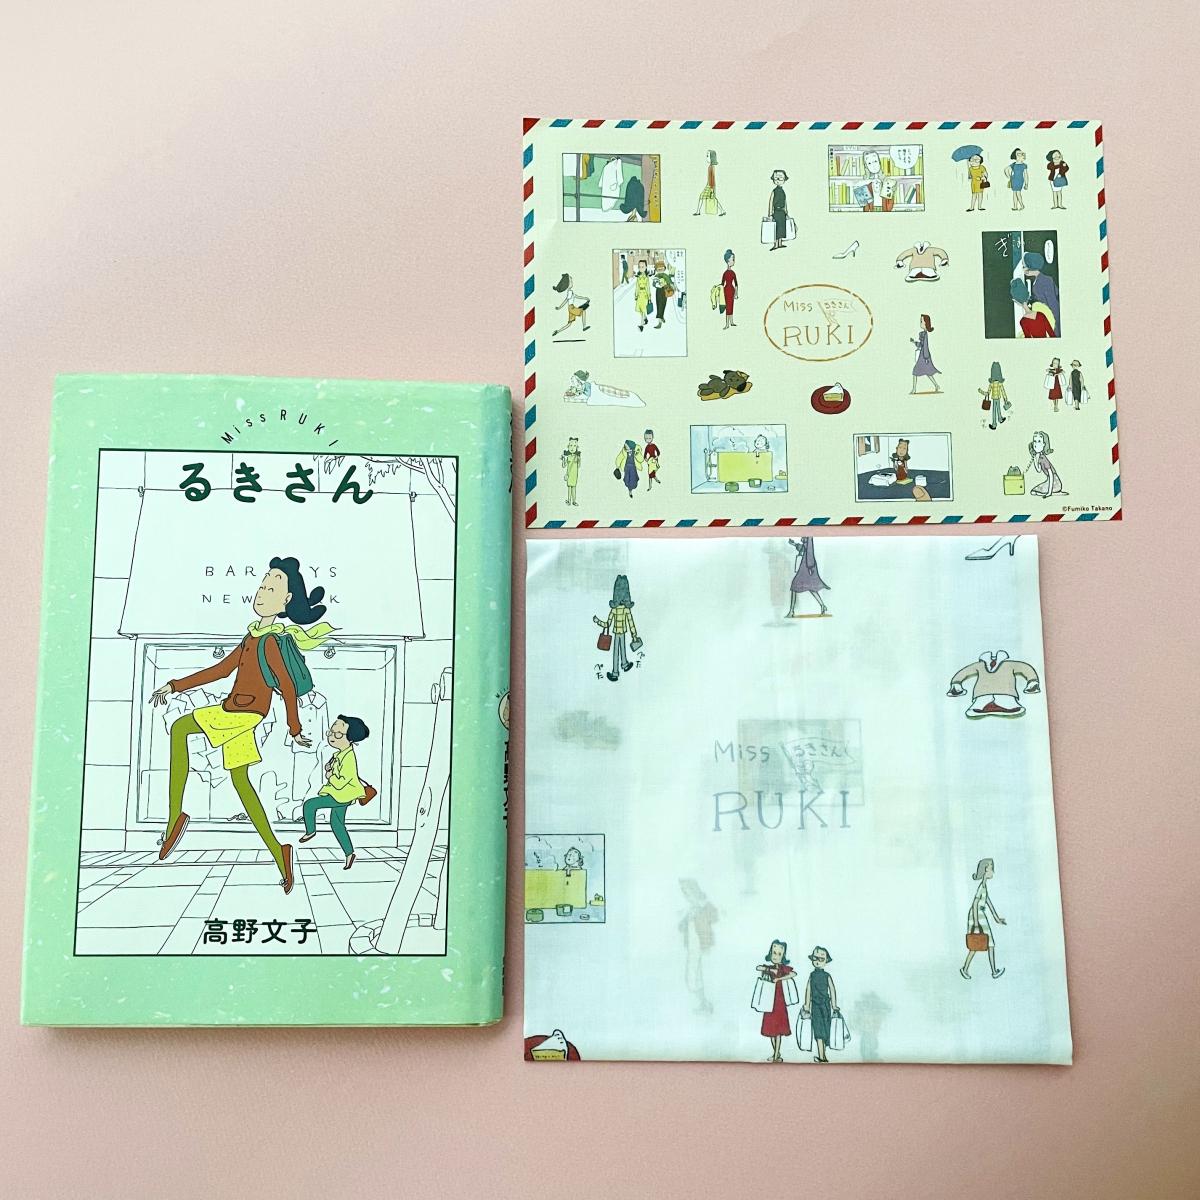 『るきさん』は雑誌Hanakoで1988年〜1992年まで連載された、高野文子先生の漫画作品。前編カラーで、その色合いも素敵です。